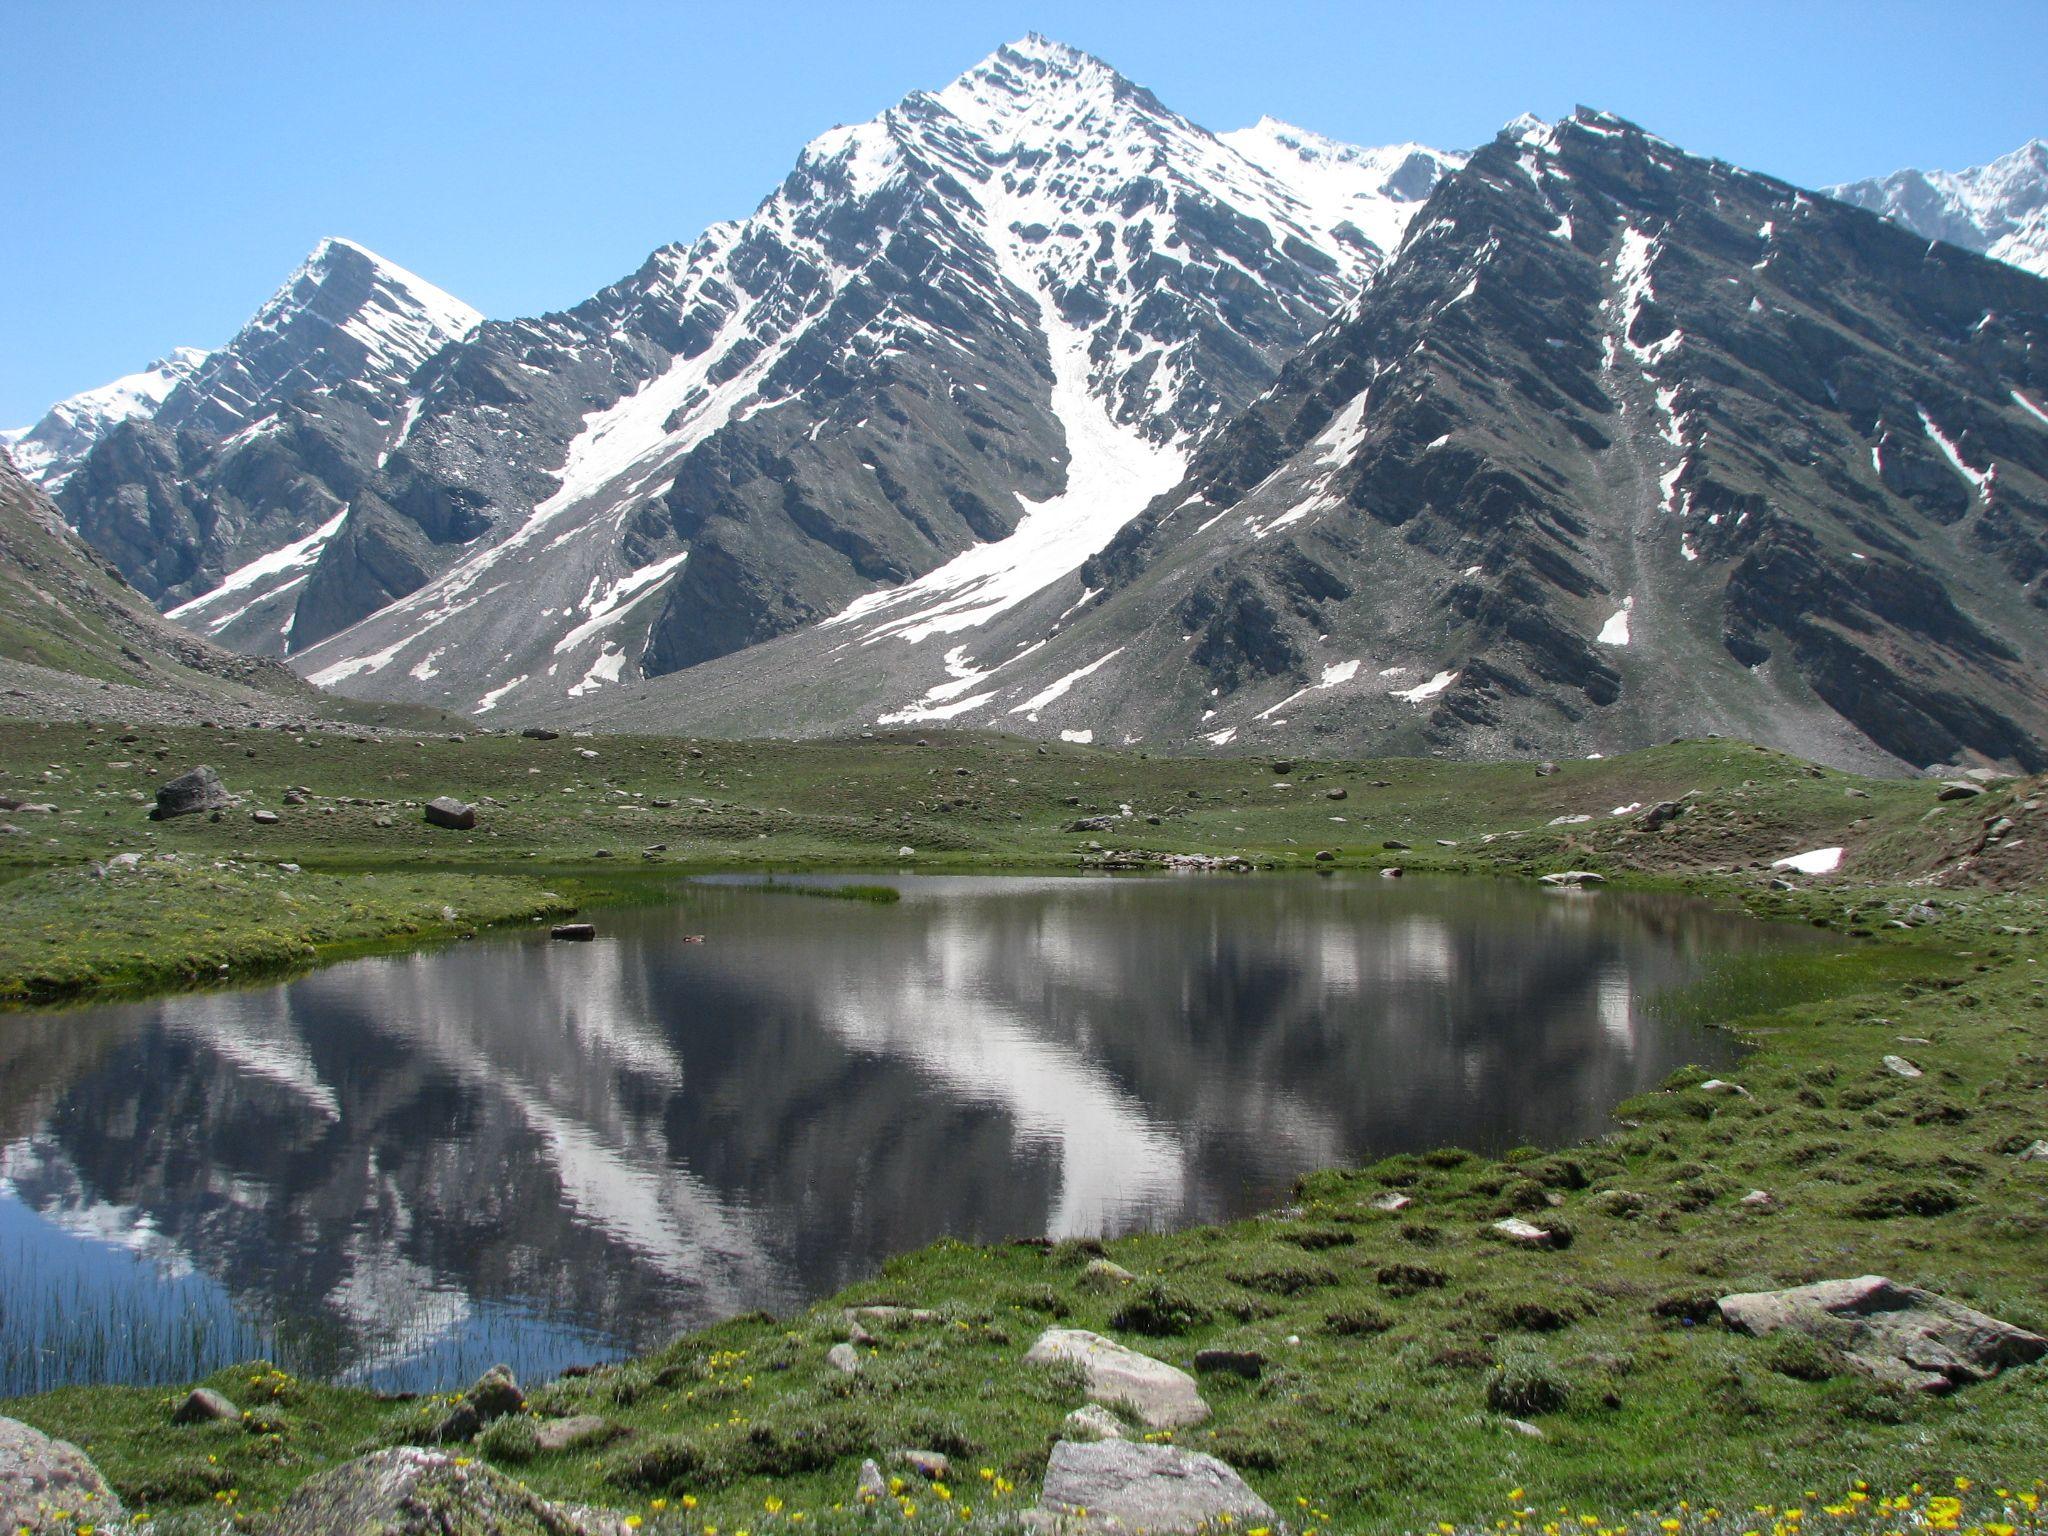 Miyar lahul valley 1024x768 Miyar valley